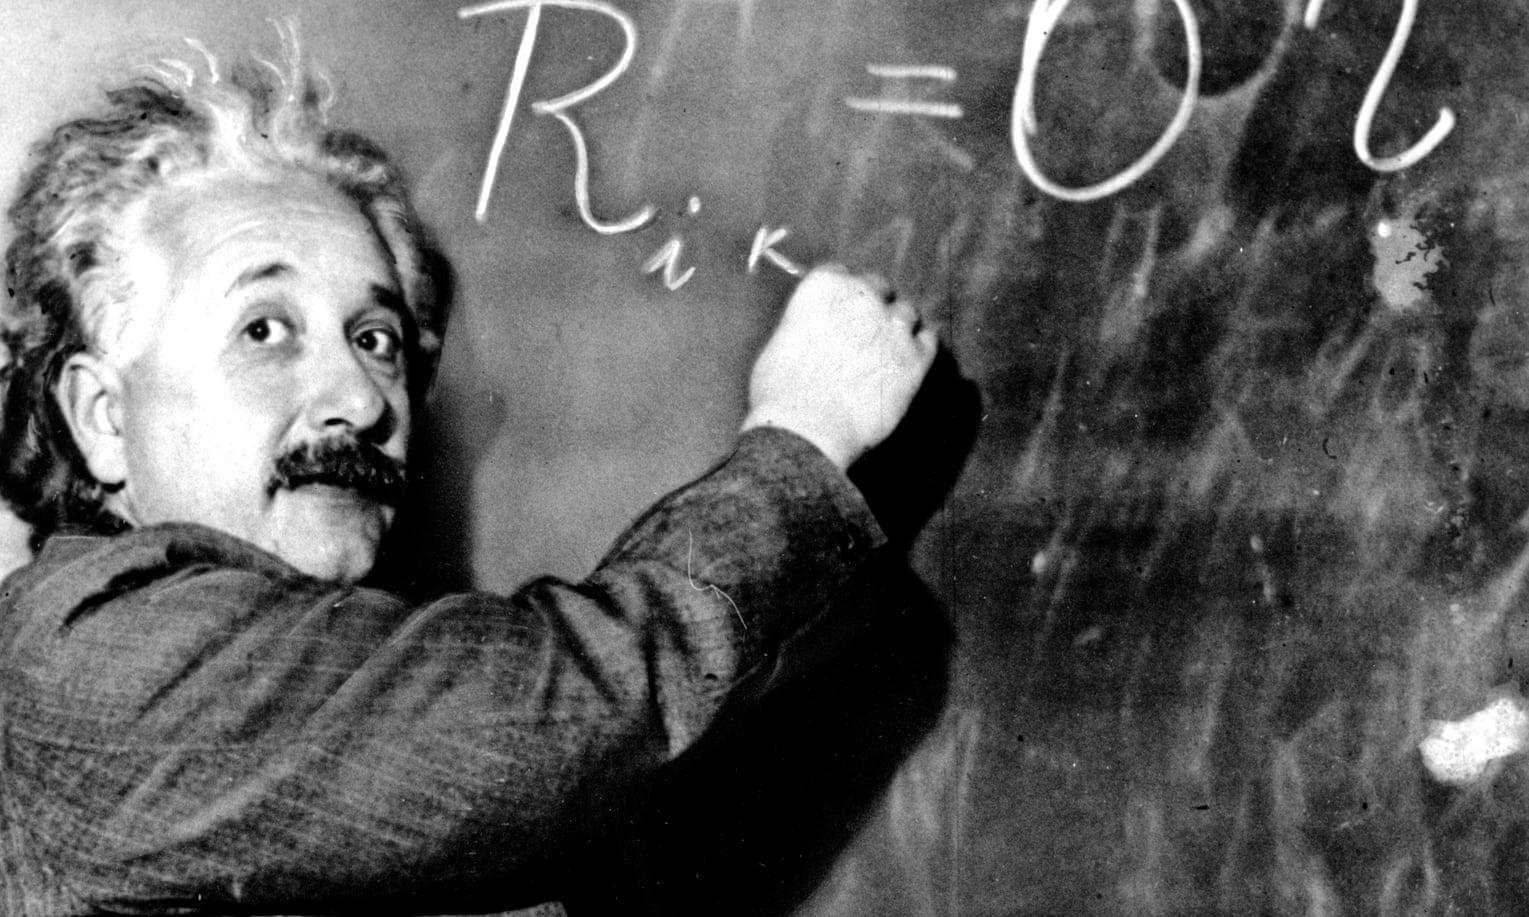 معادلهی انیشتین راهحلهایی ارائه کرد که طبق آنها سفر در زمان به نظر ممکن آمد